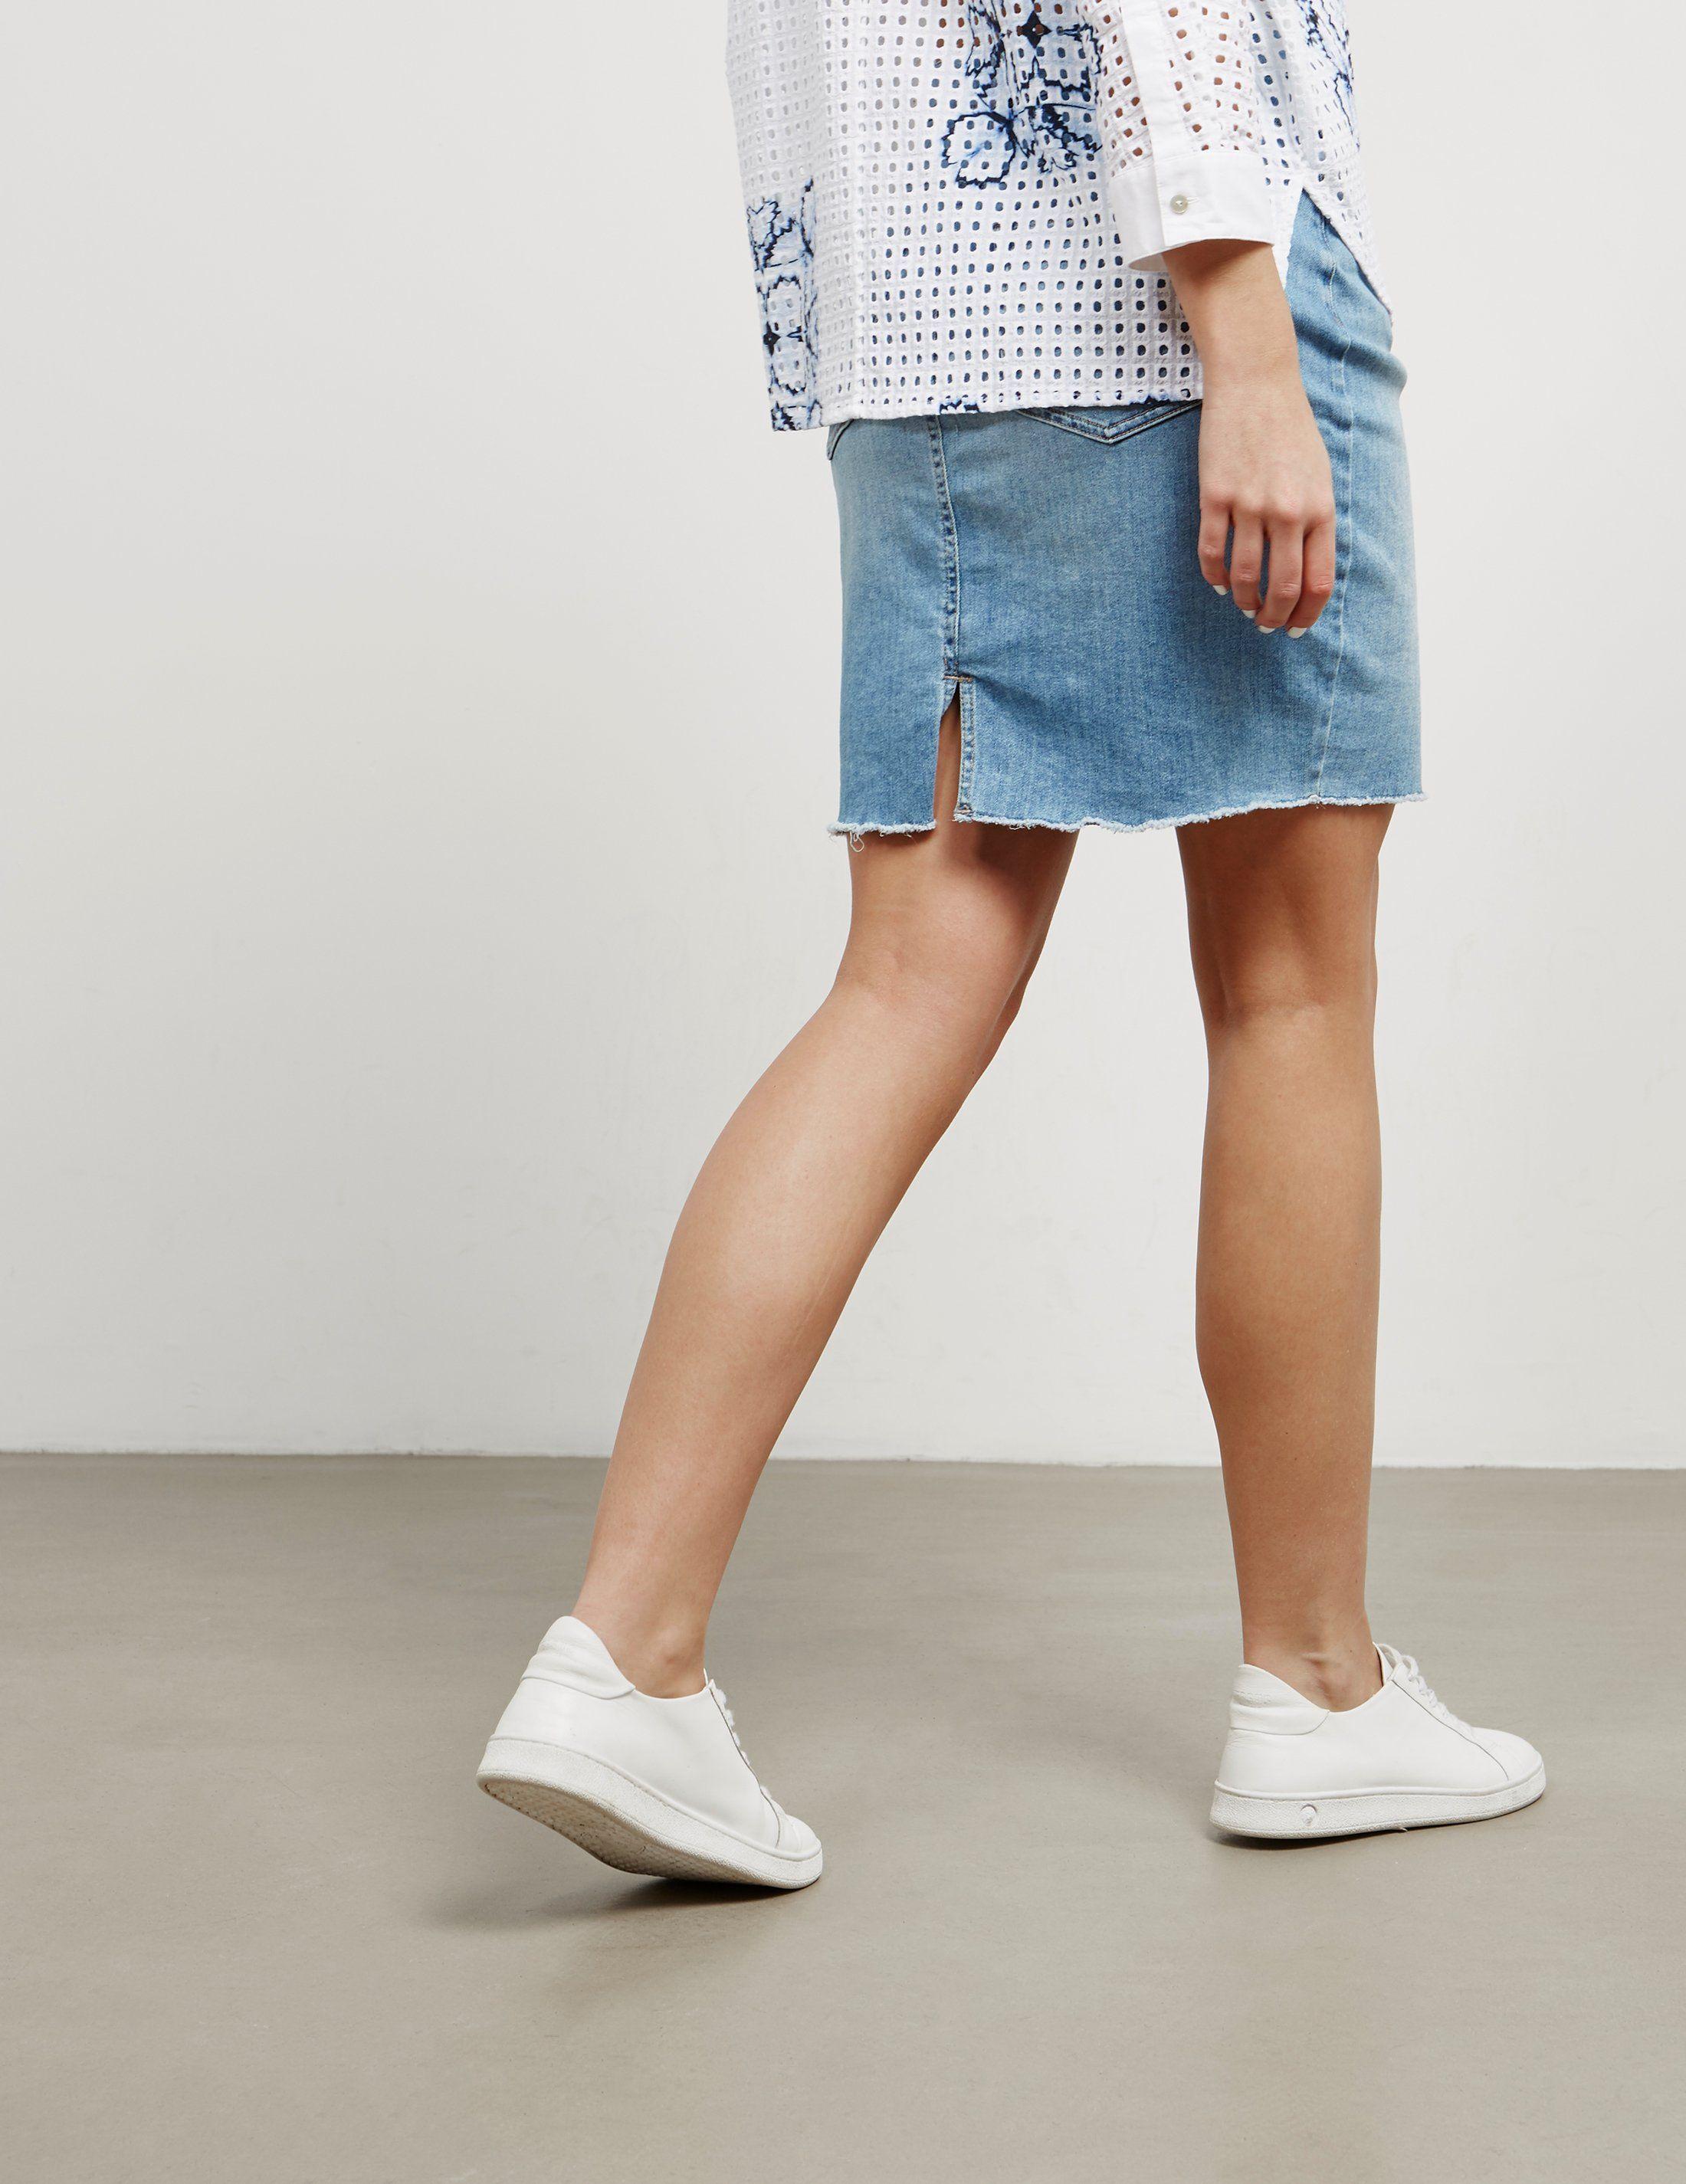 BOSS Sunnyvale Denim Skirt - Online Exclusive